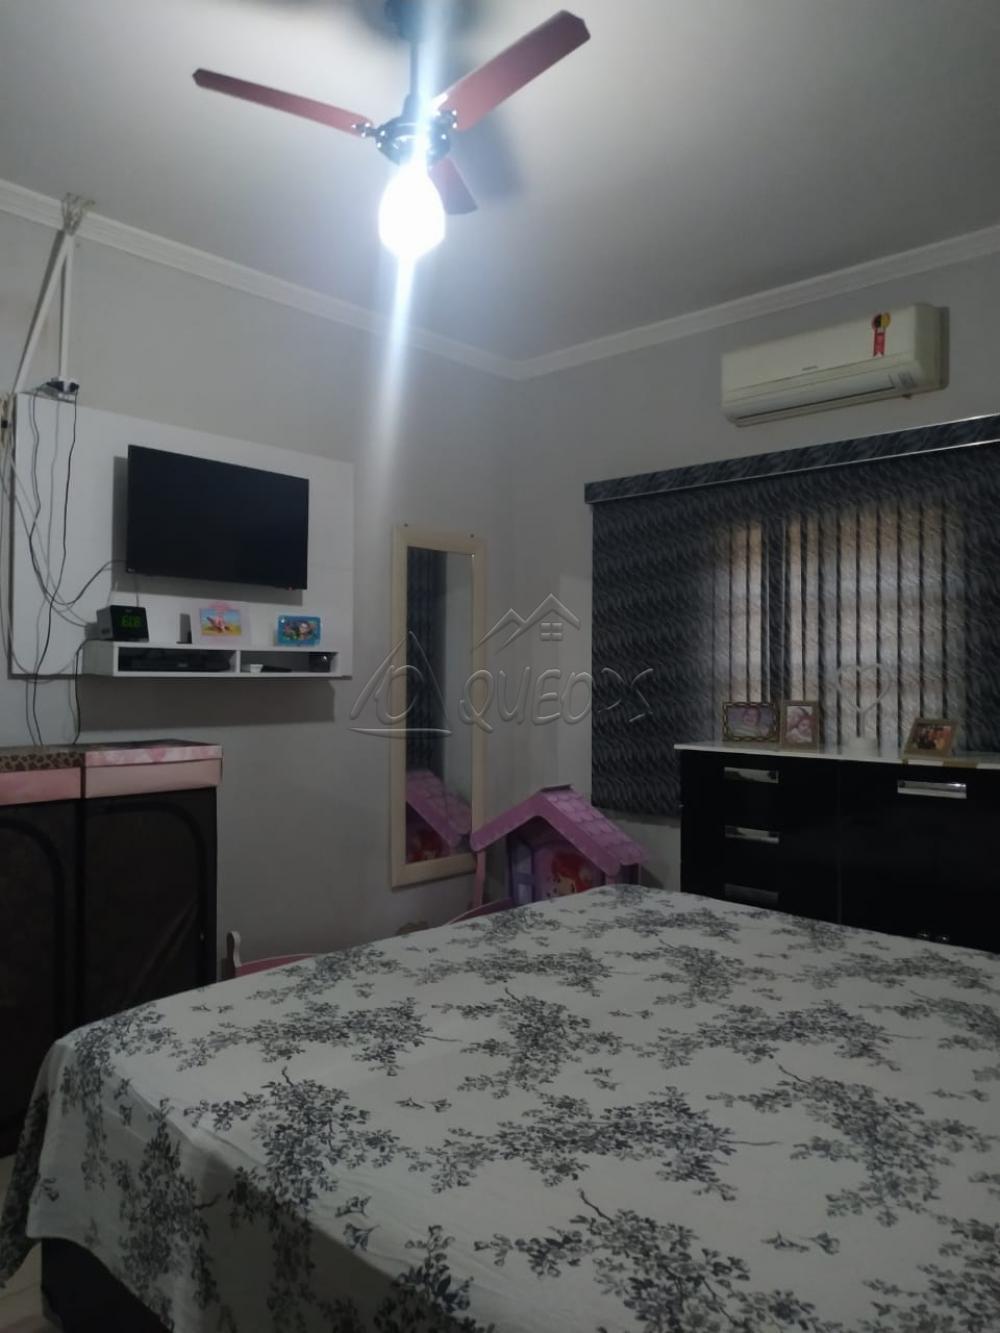 Comprar Casa / Padrão em Barretos apenas R$ 270.000,00 - Foto 13